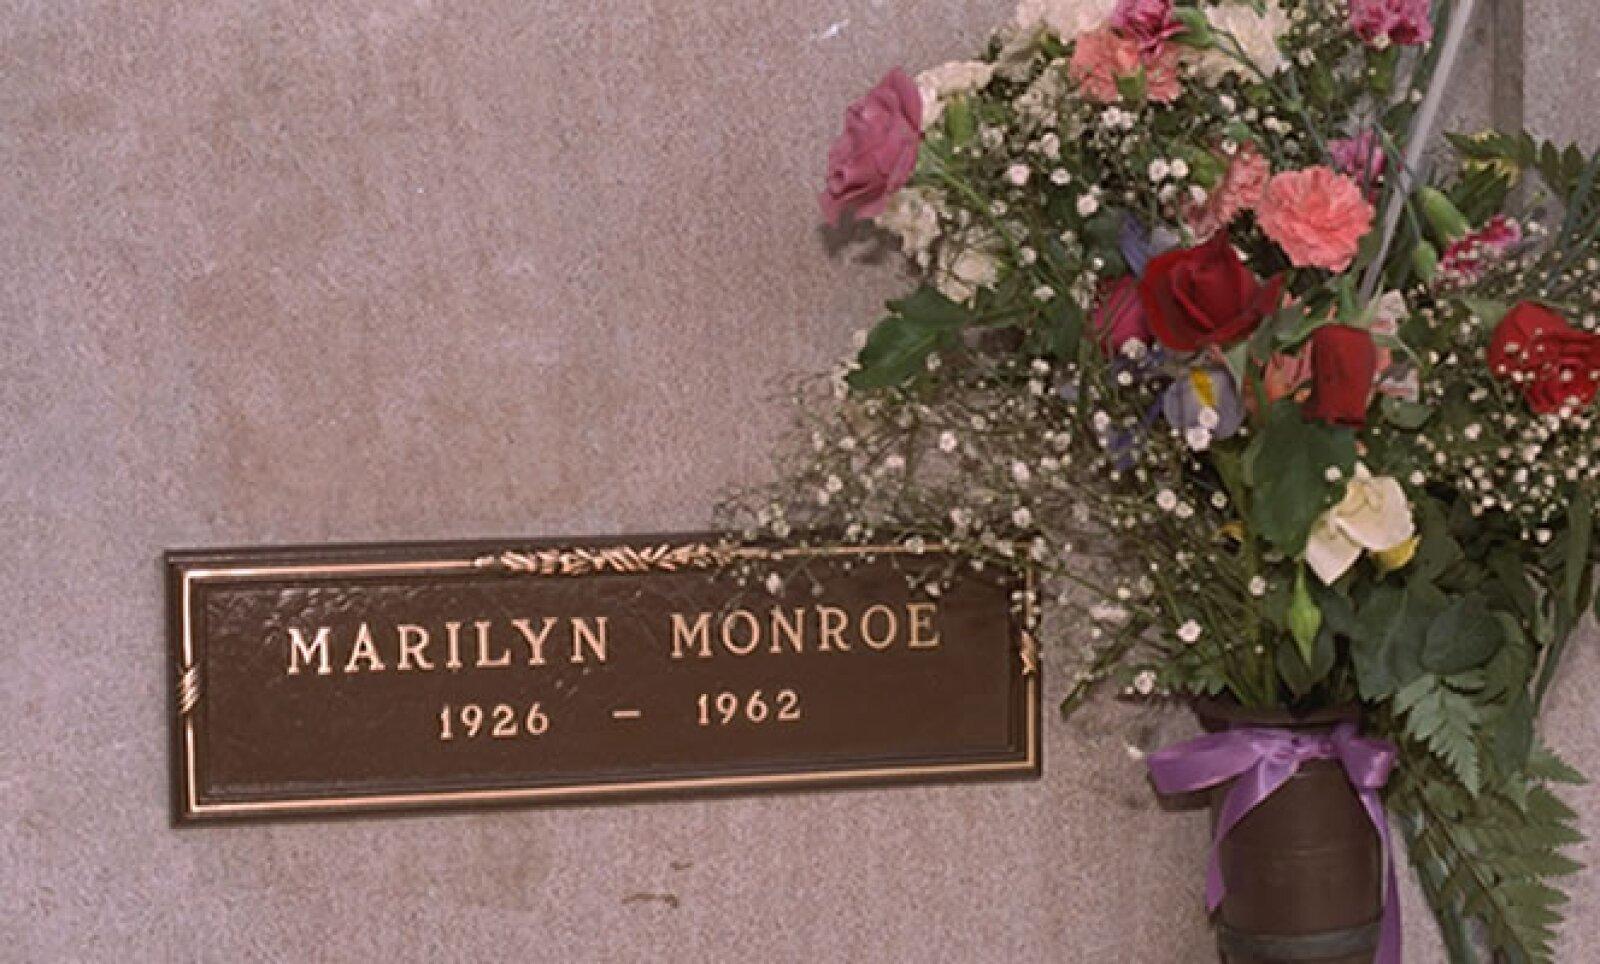 Monroe falleció el 5 de agosto de 1962 en su departamento de Brentwood, en Los Angeles. Reportes médicos de la época decían que murió por envenenamiento ocasionado por la ingesta deliberada de barbitúricos.